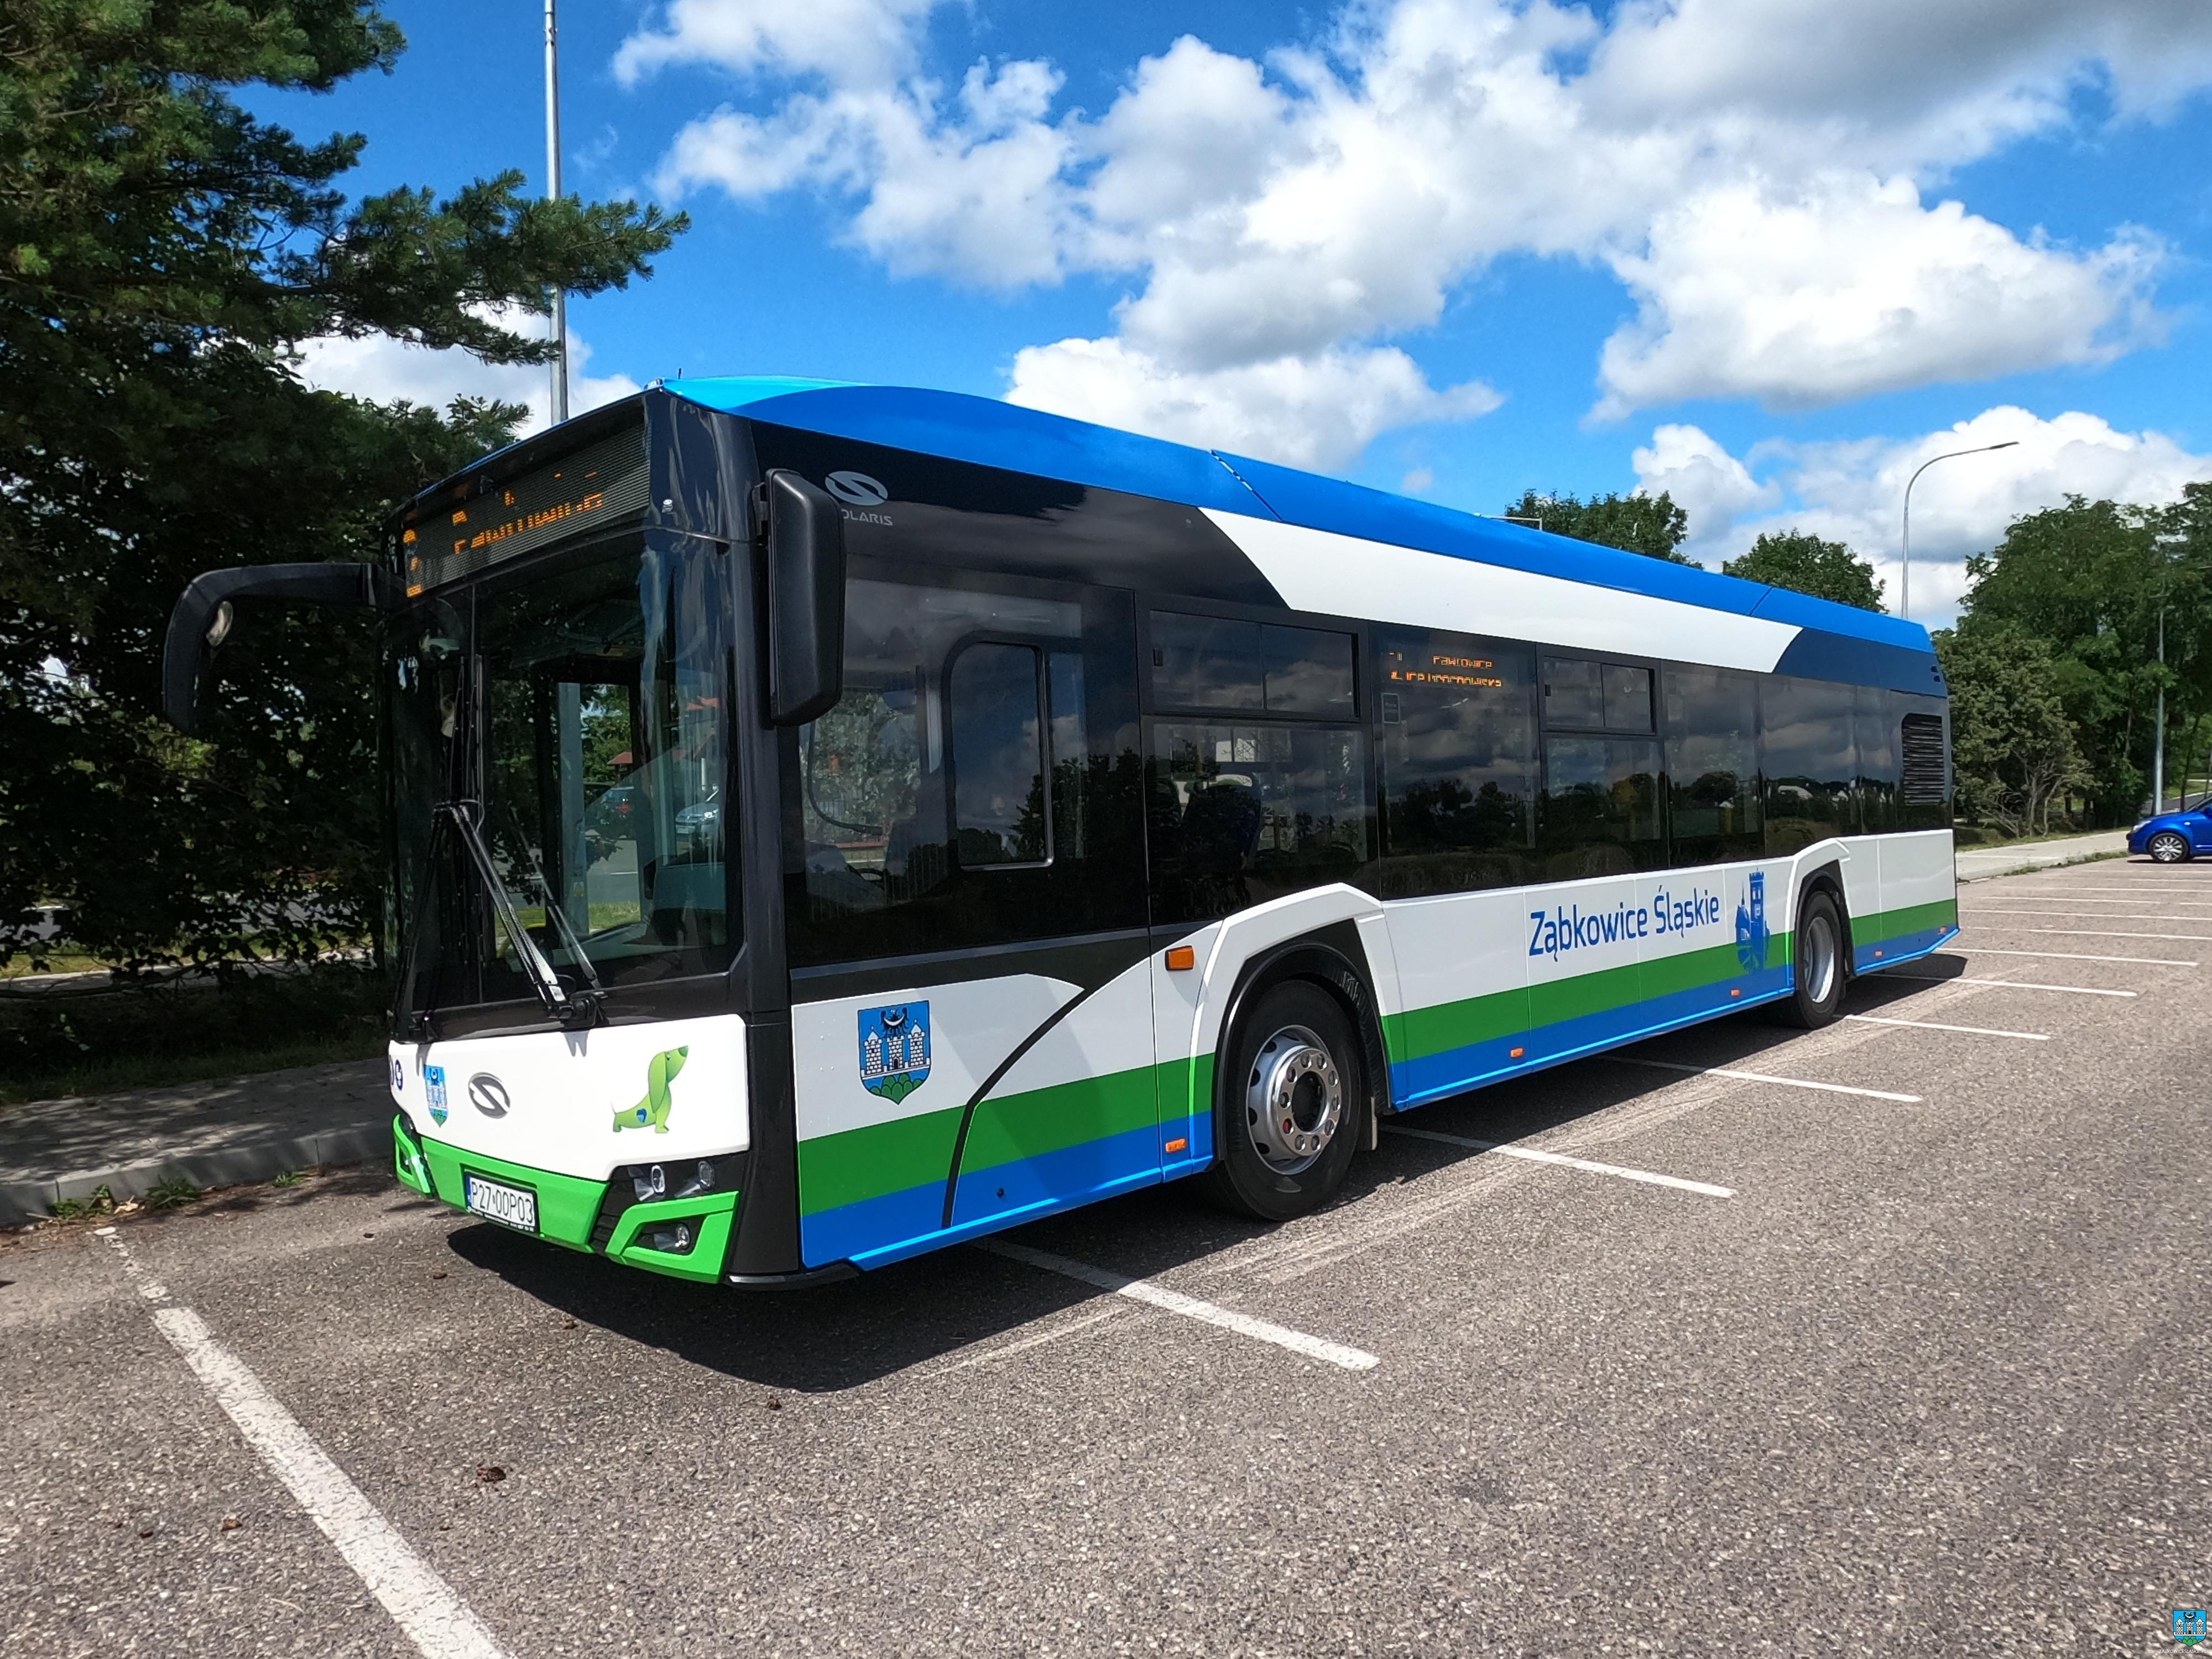 Ząbkowice Śląskie: Sprawdź, rozkład jazdy autobusów - Zdjęcie główne